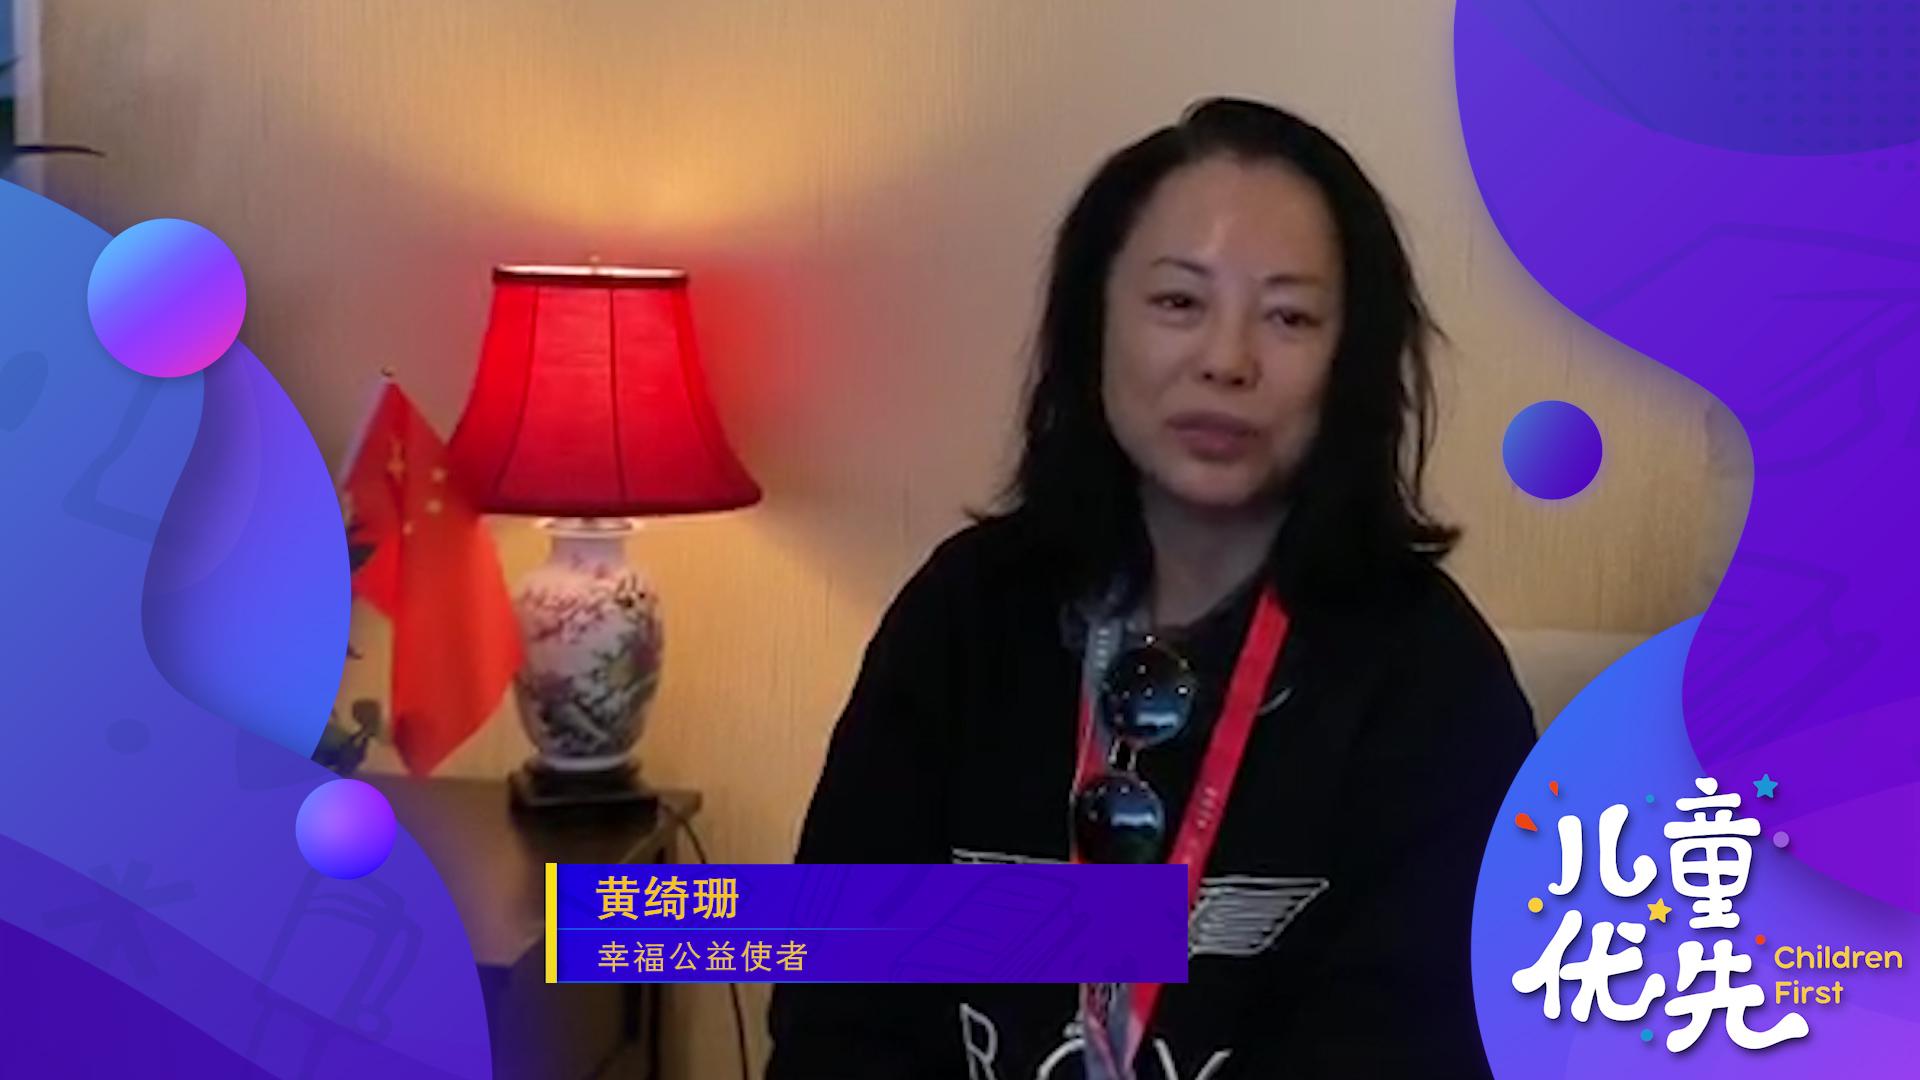 明星助力儿童优先:黄绮珊